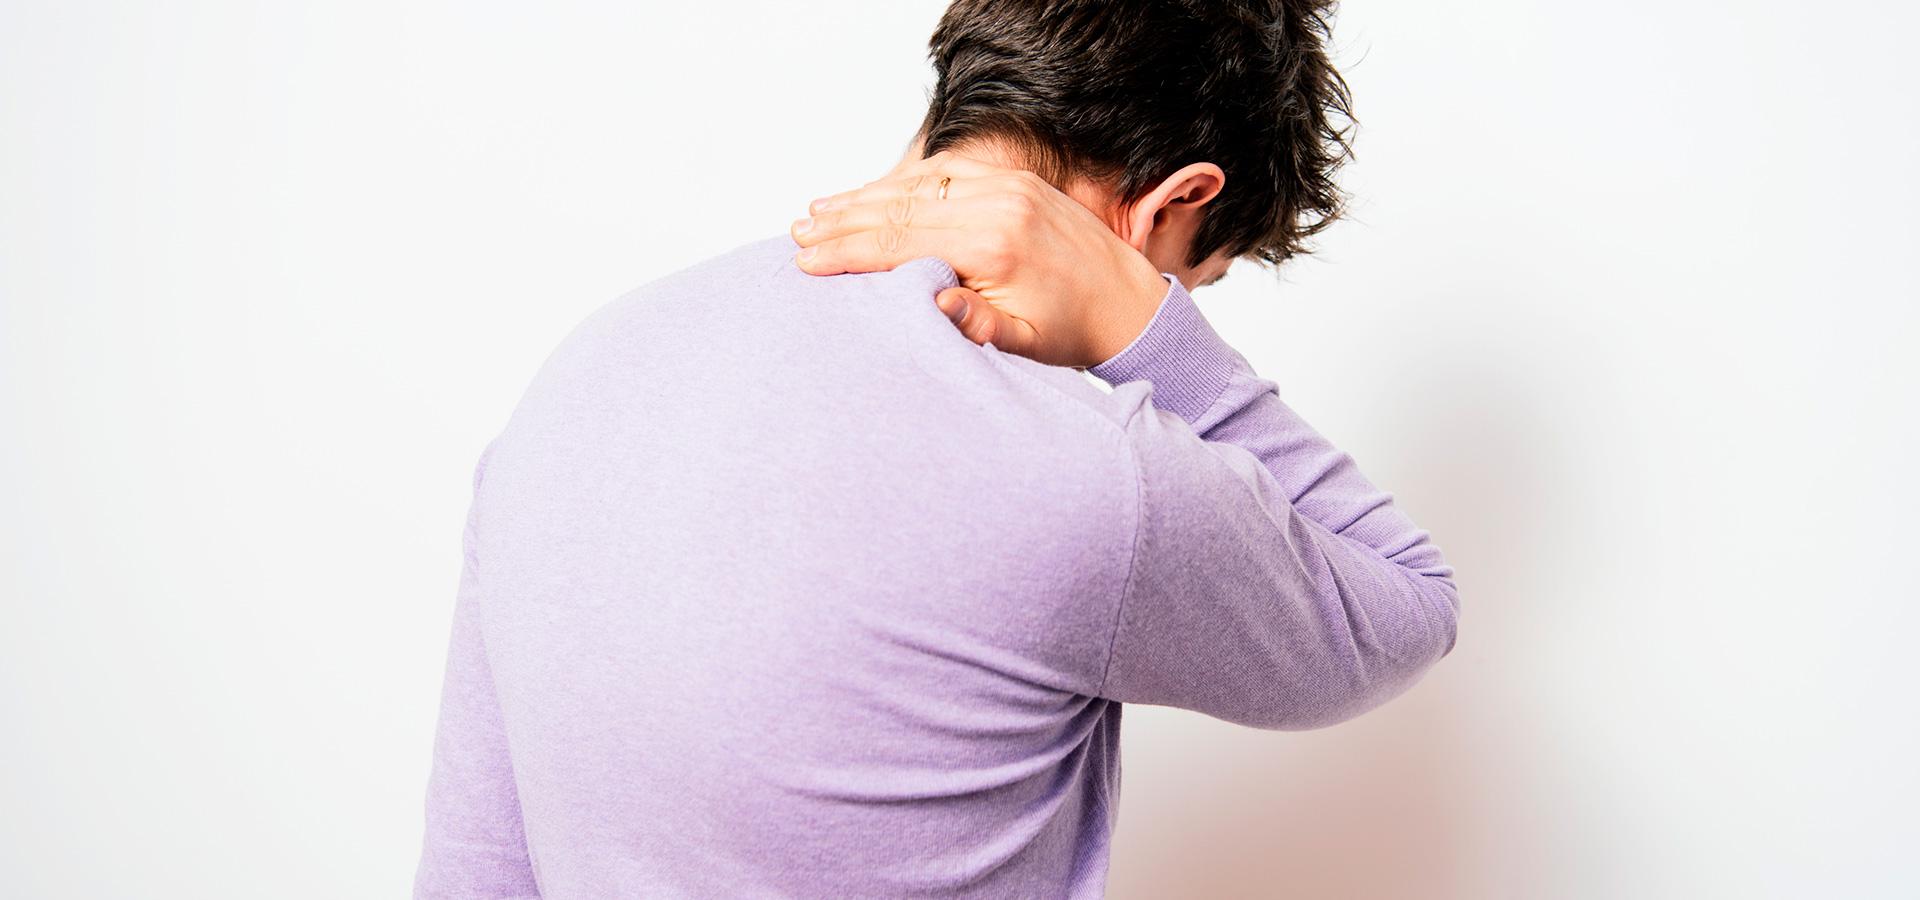 dolore spalla chiropratica